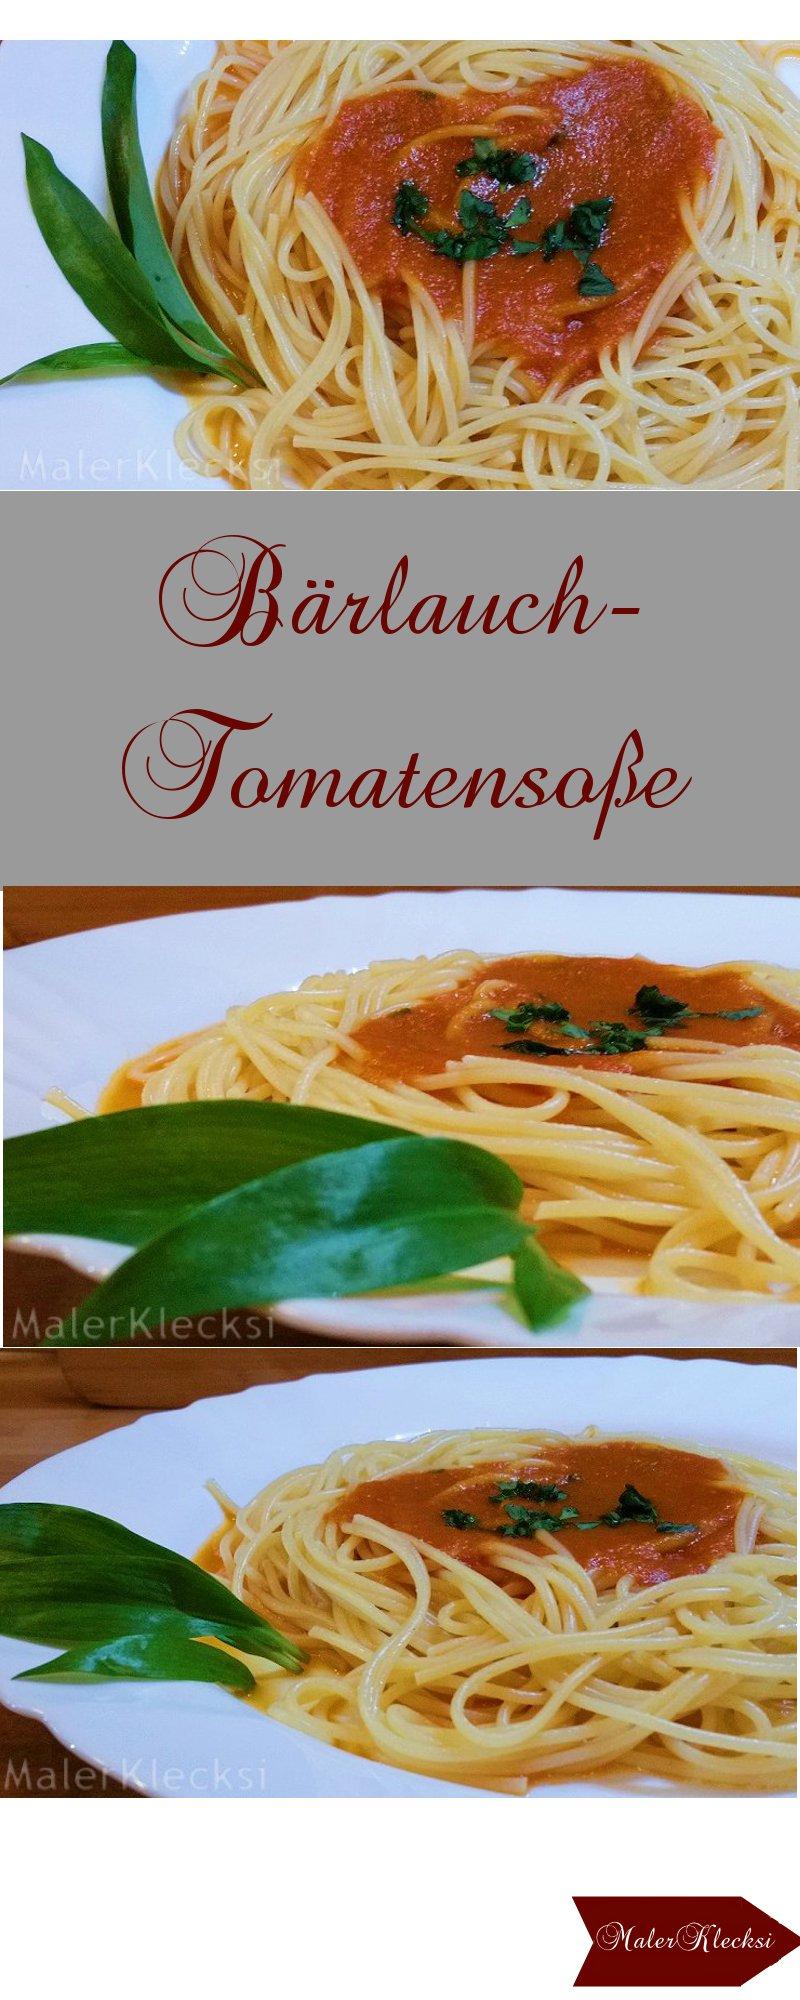 Baerlauch-Tomatensosse